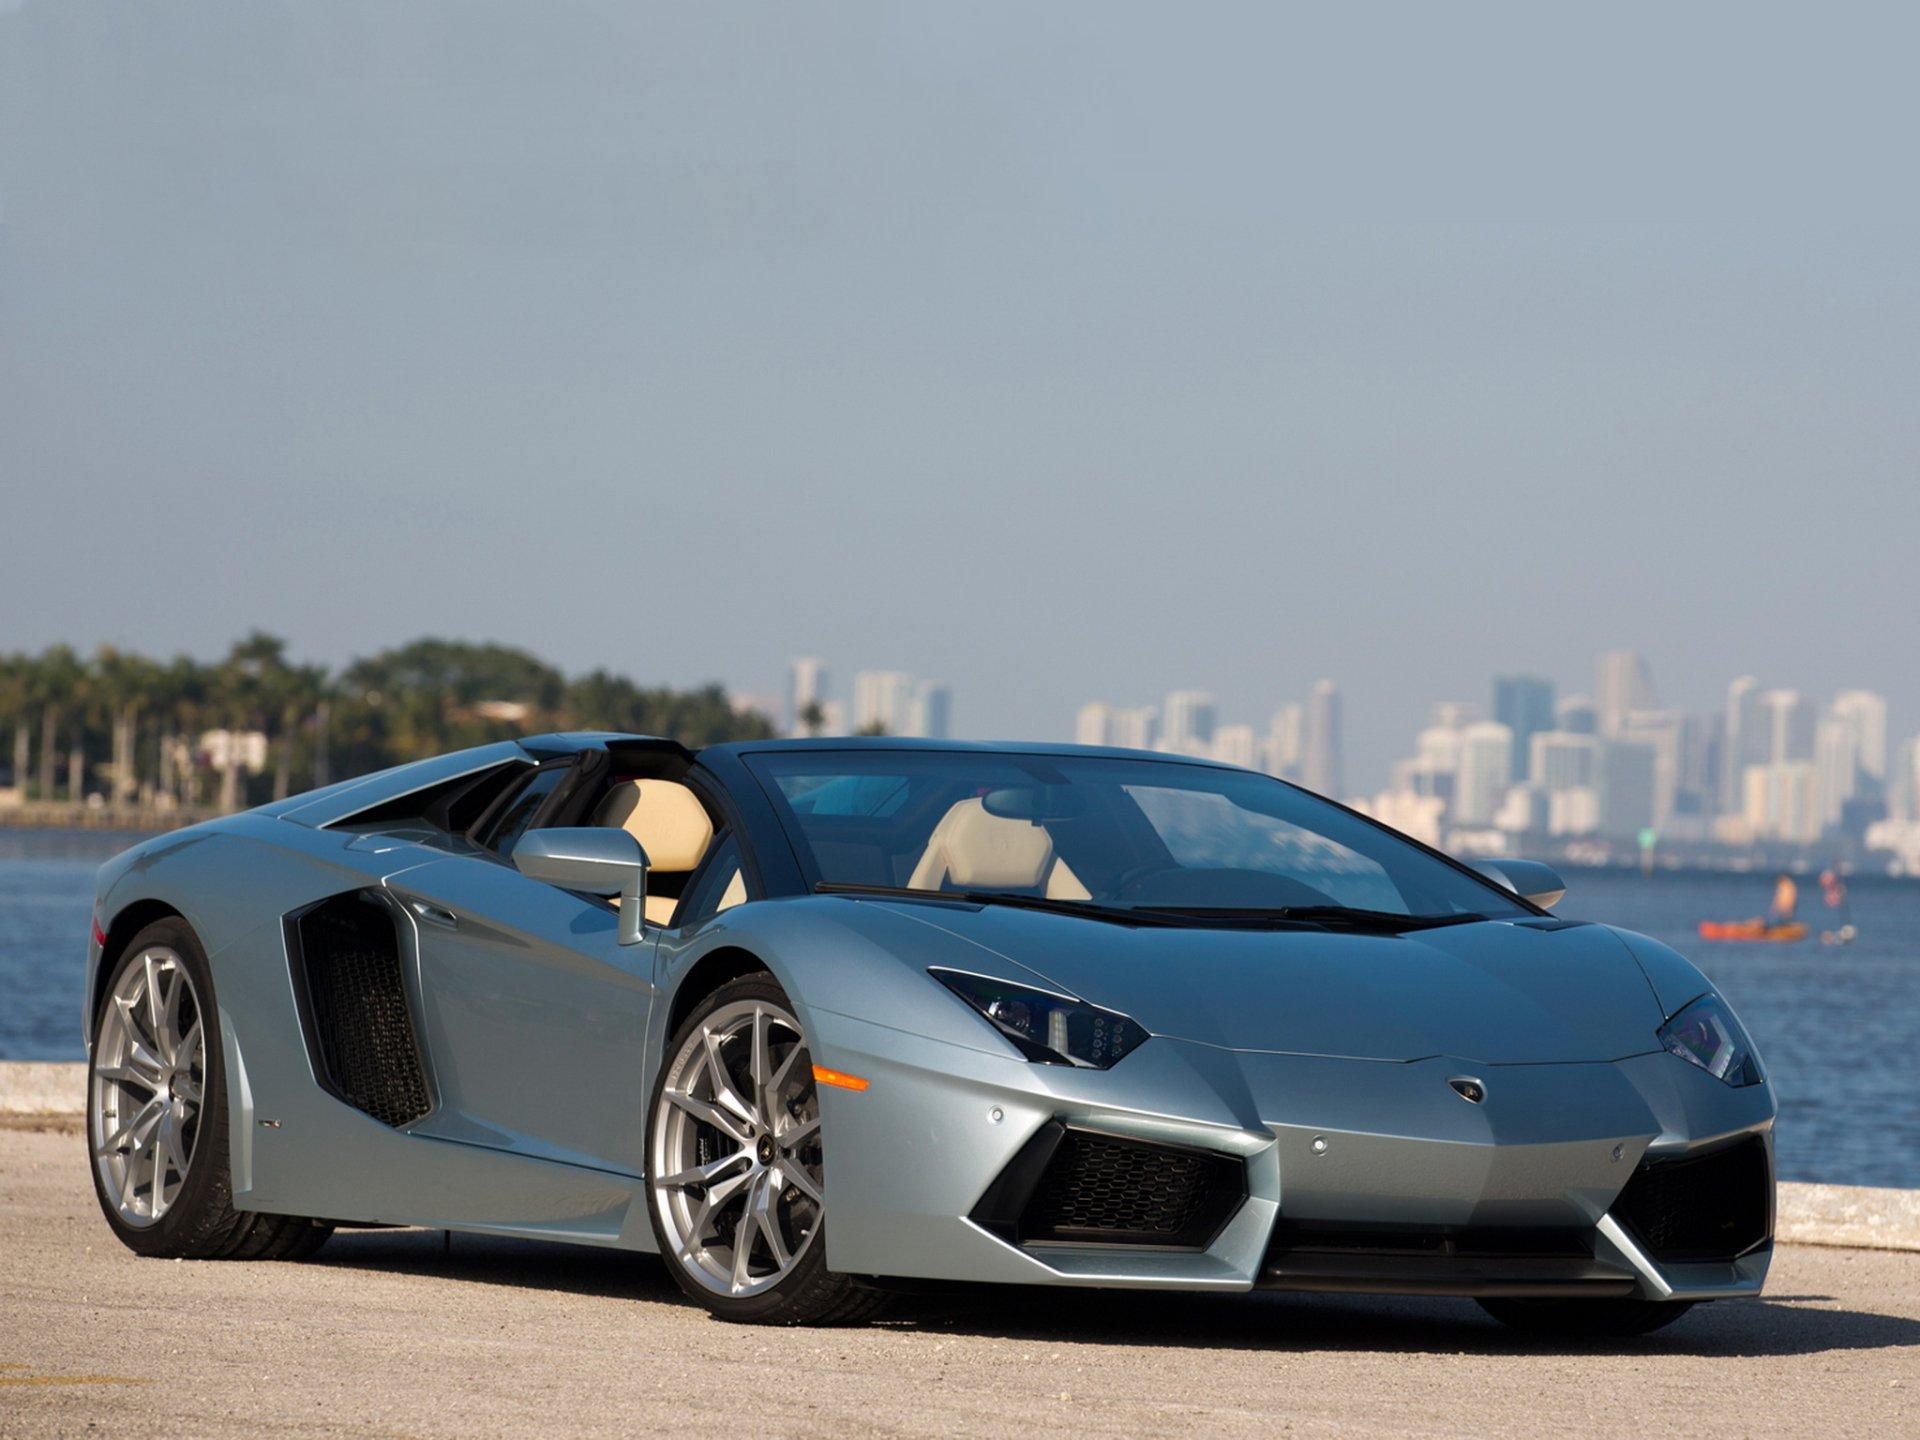 Lamborghini Aventador Full HD Fond d'écran and Arrière-Plan | 2048x1536 | ID:372199